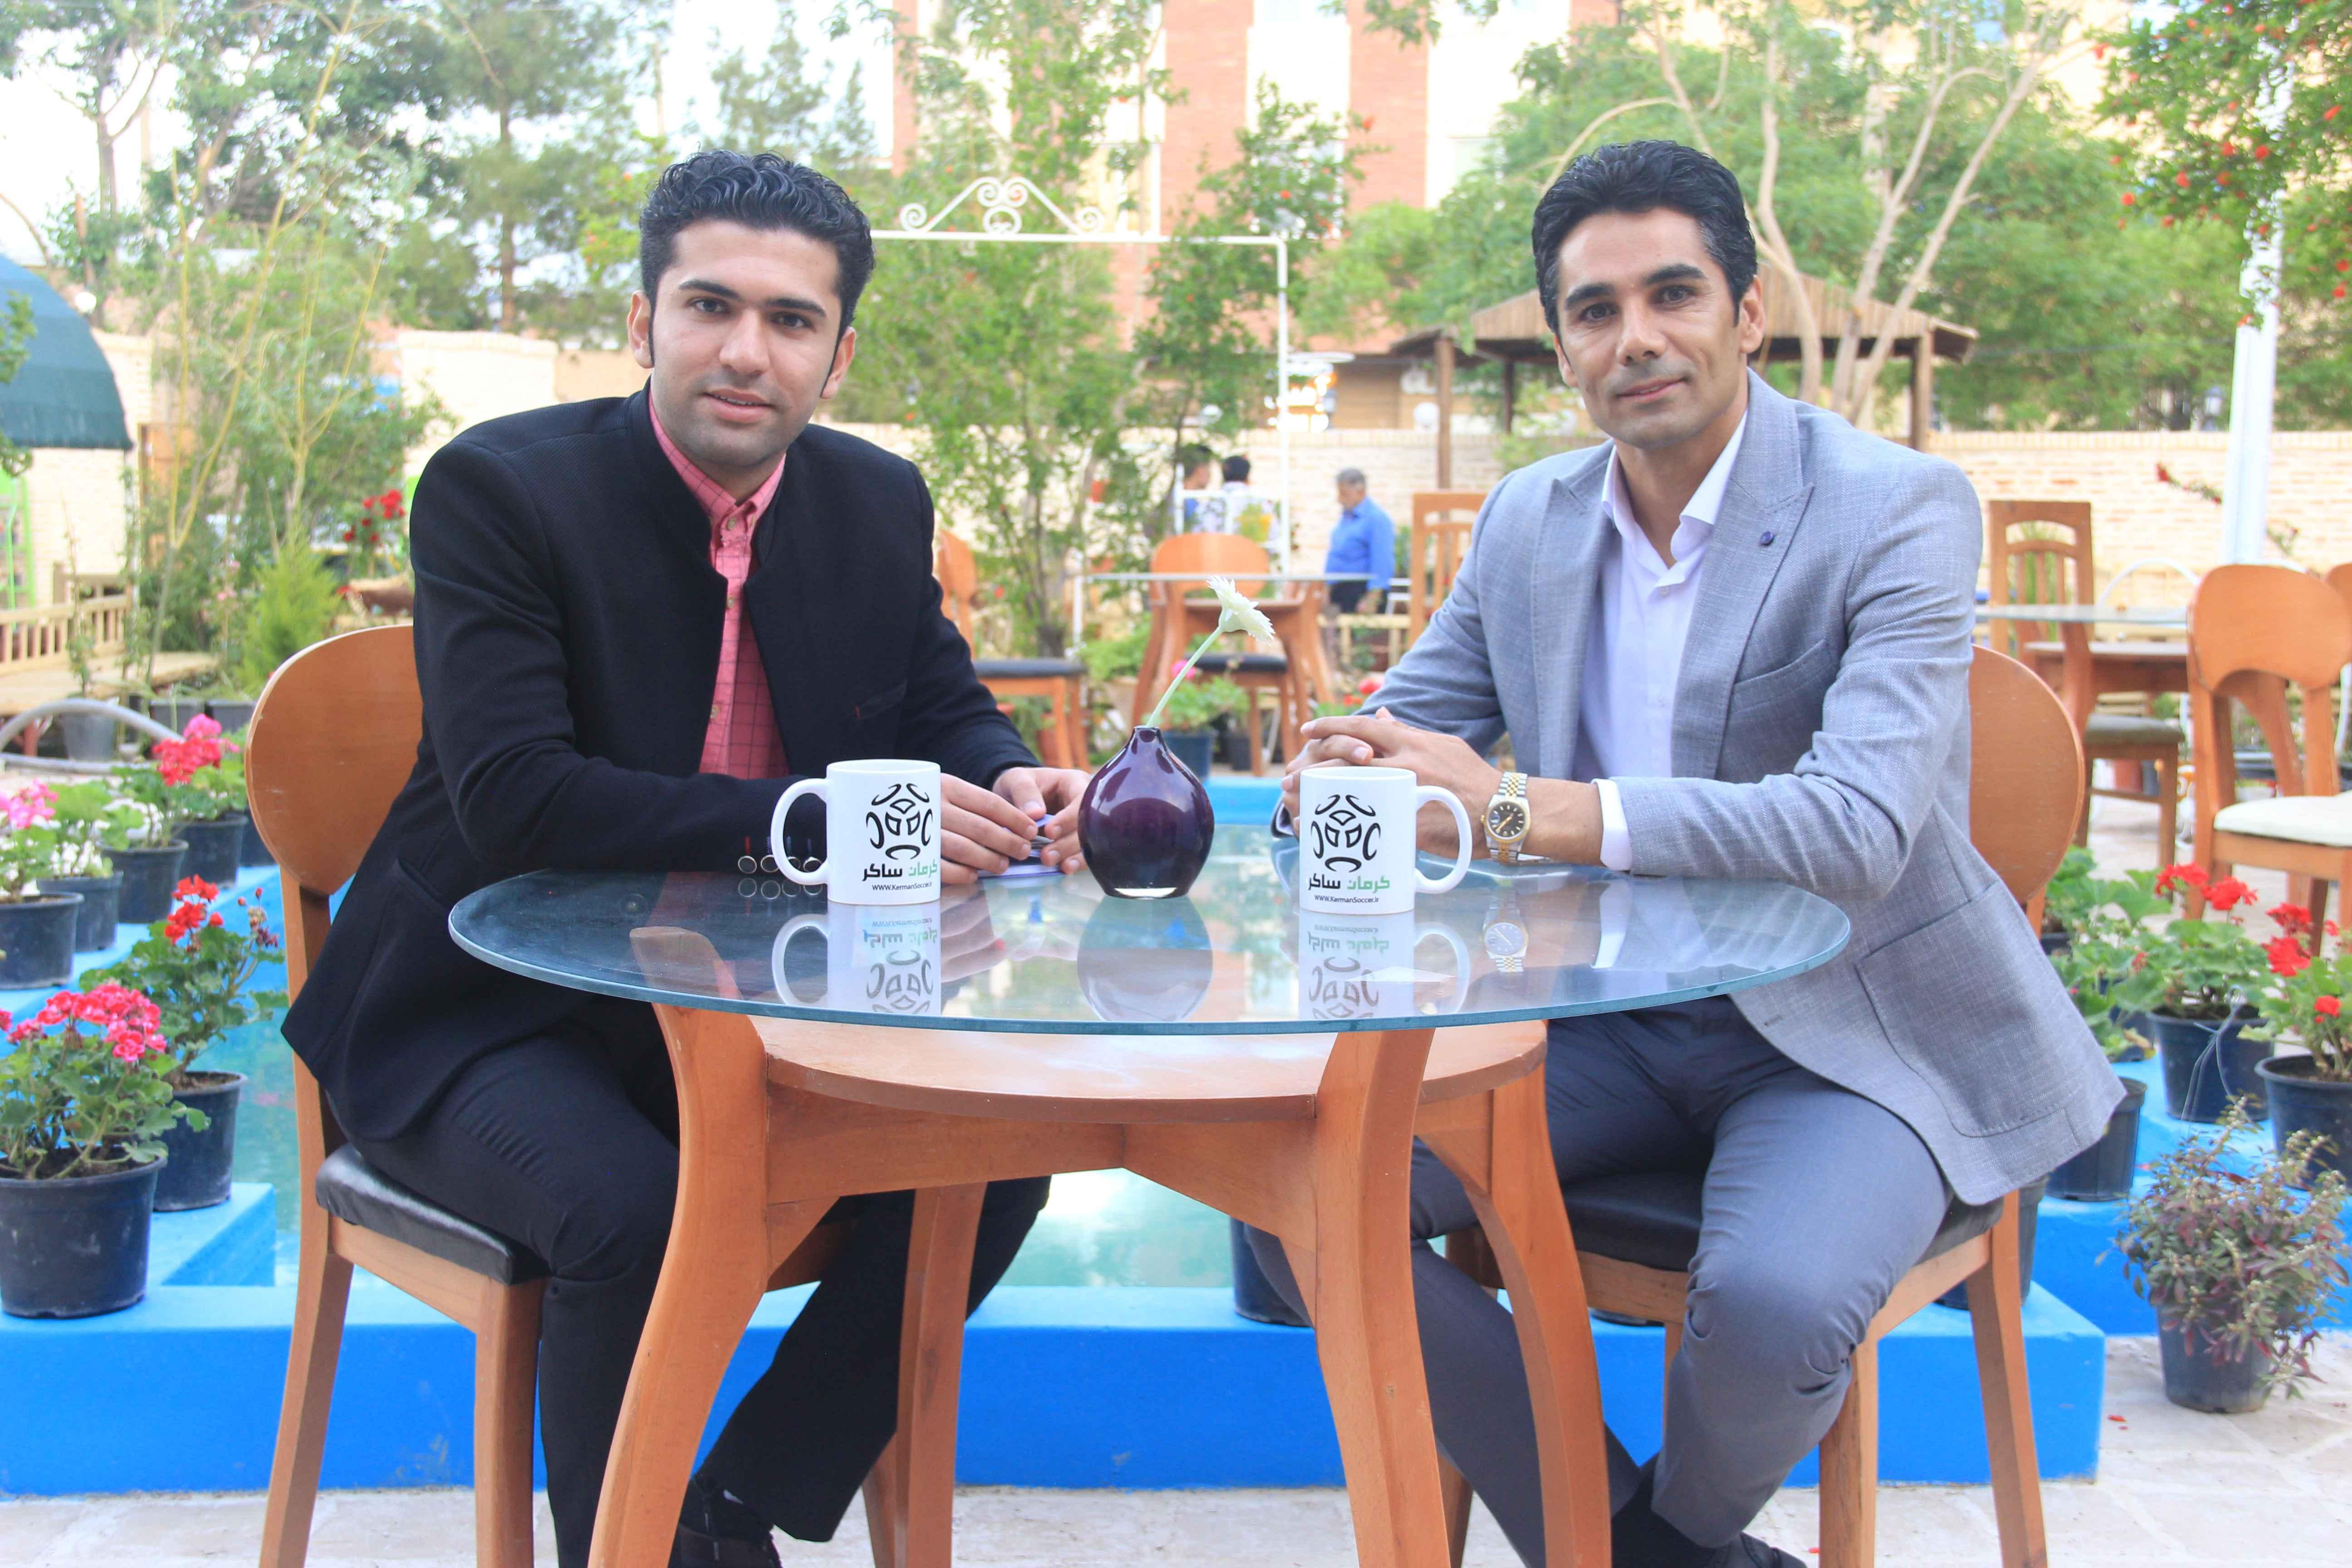 بخش اول/ گفتگوی جذاب و دیدنی کرمان ساکر با علی علیزاده معاون فنی باشگاه مس رفسنجان